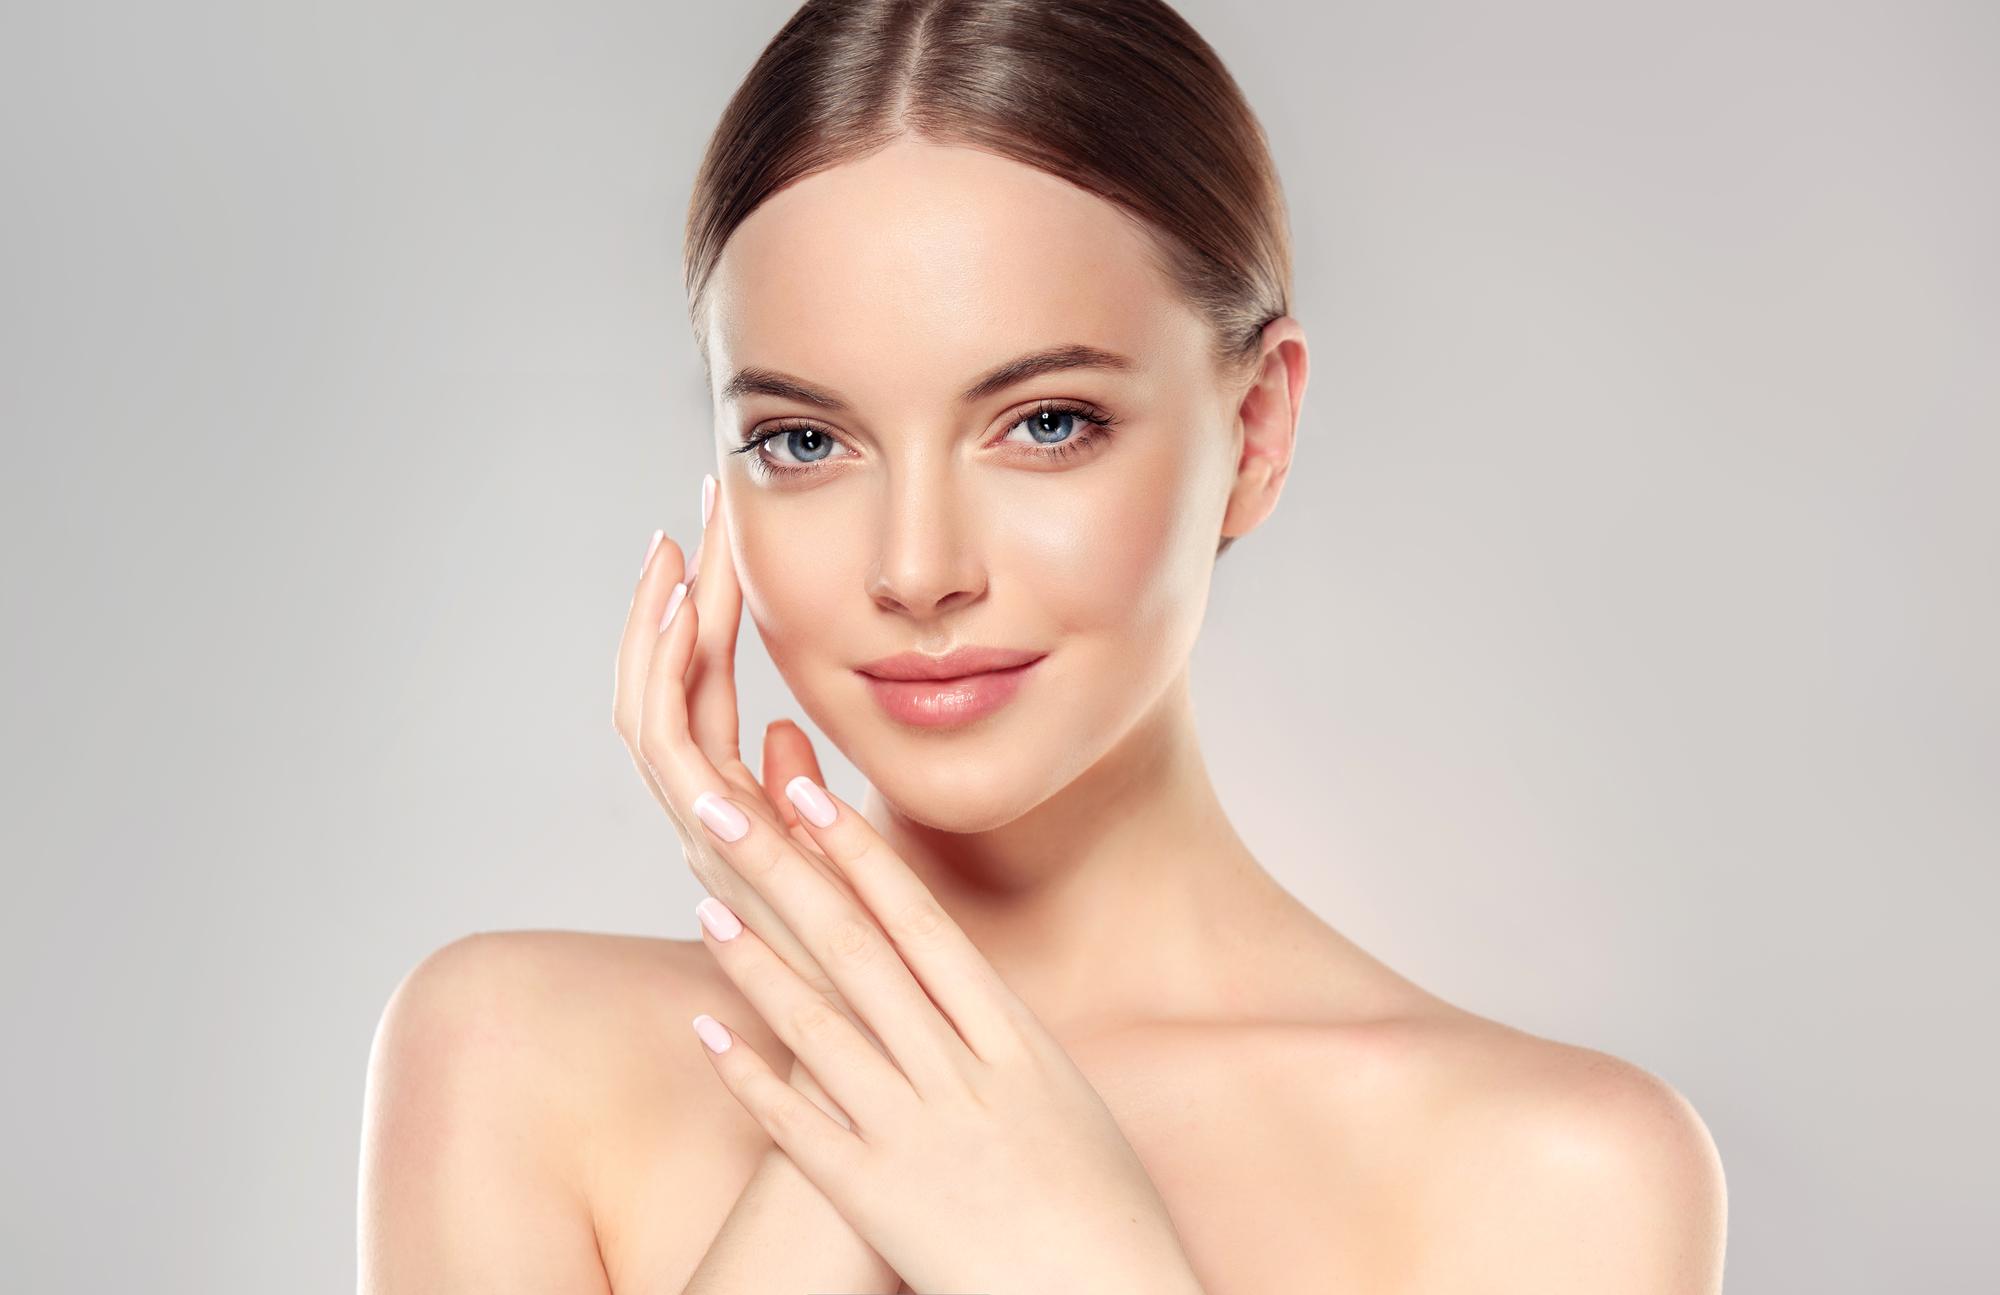 Какие витамины и минералы нужны для чистой кожи